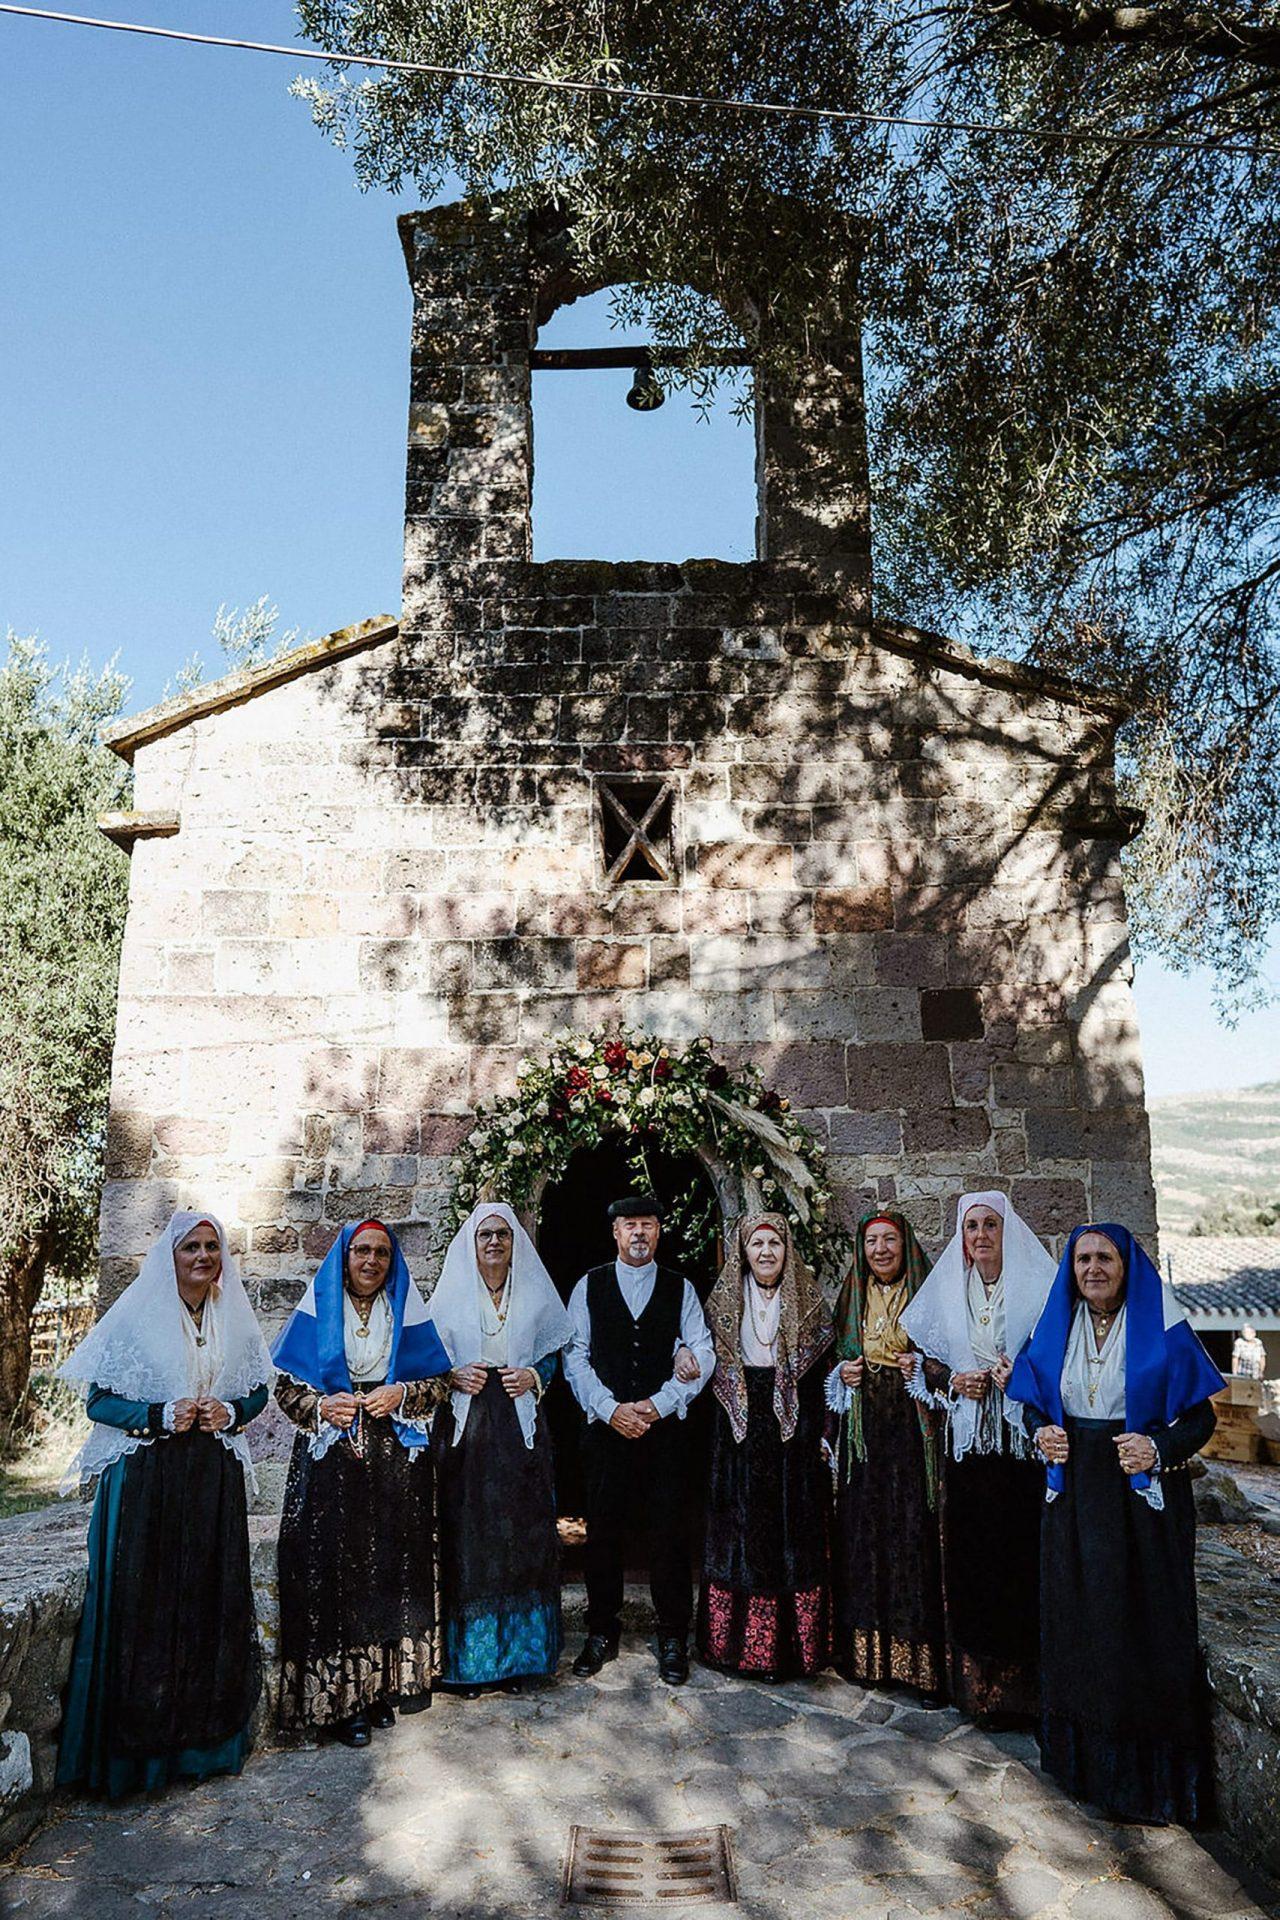 Marianna & Matteo, Sardinian folk group